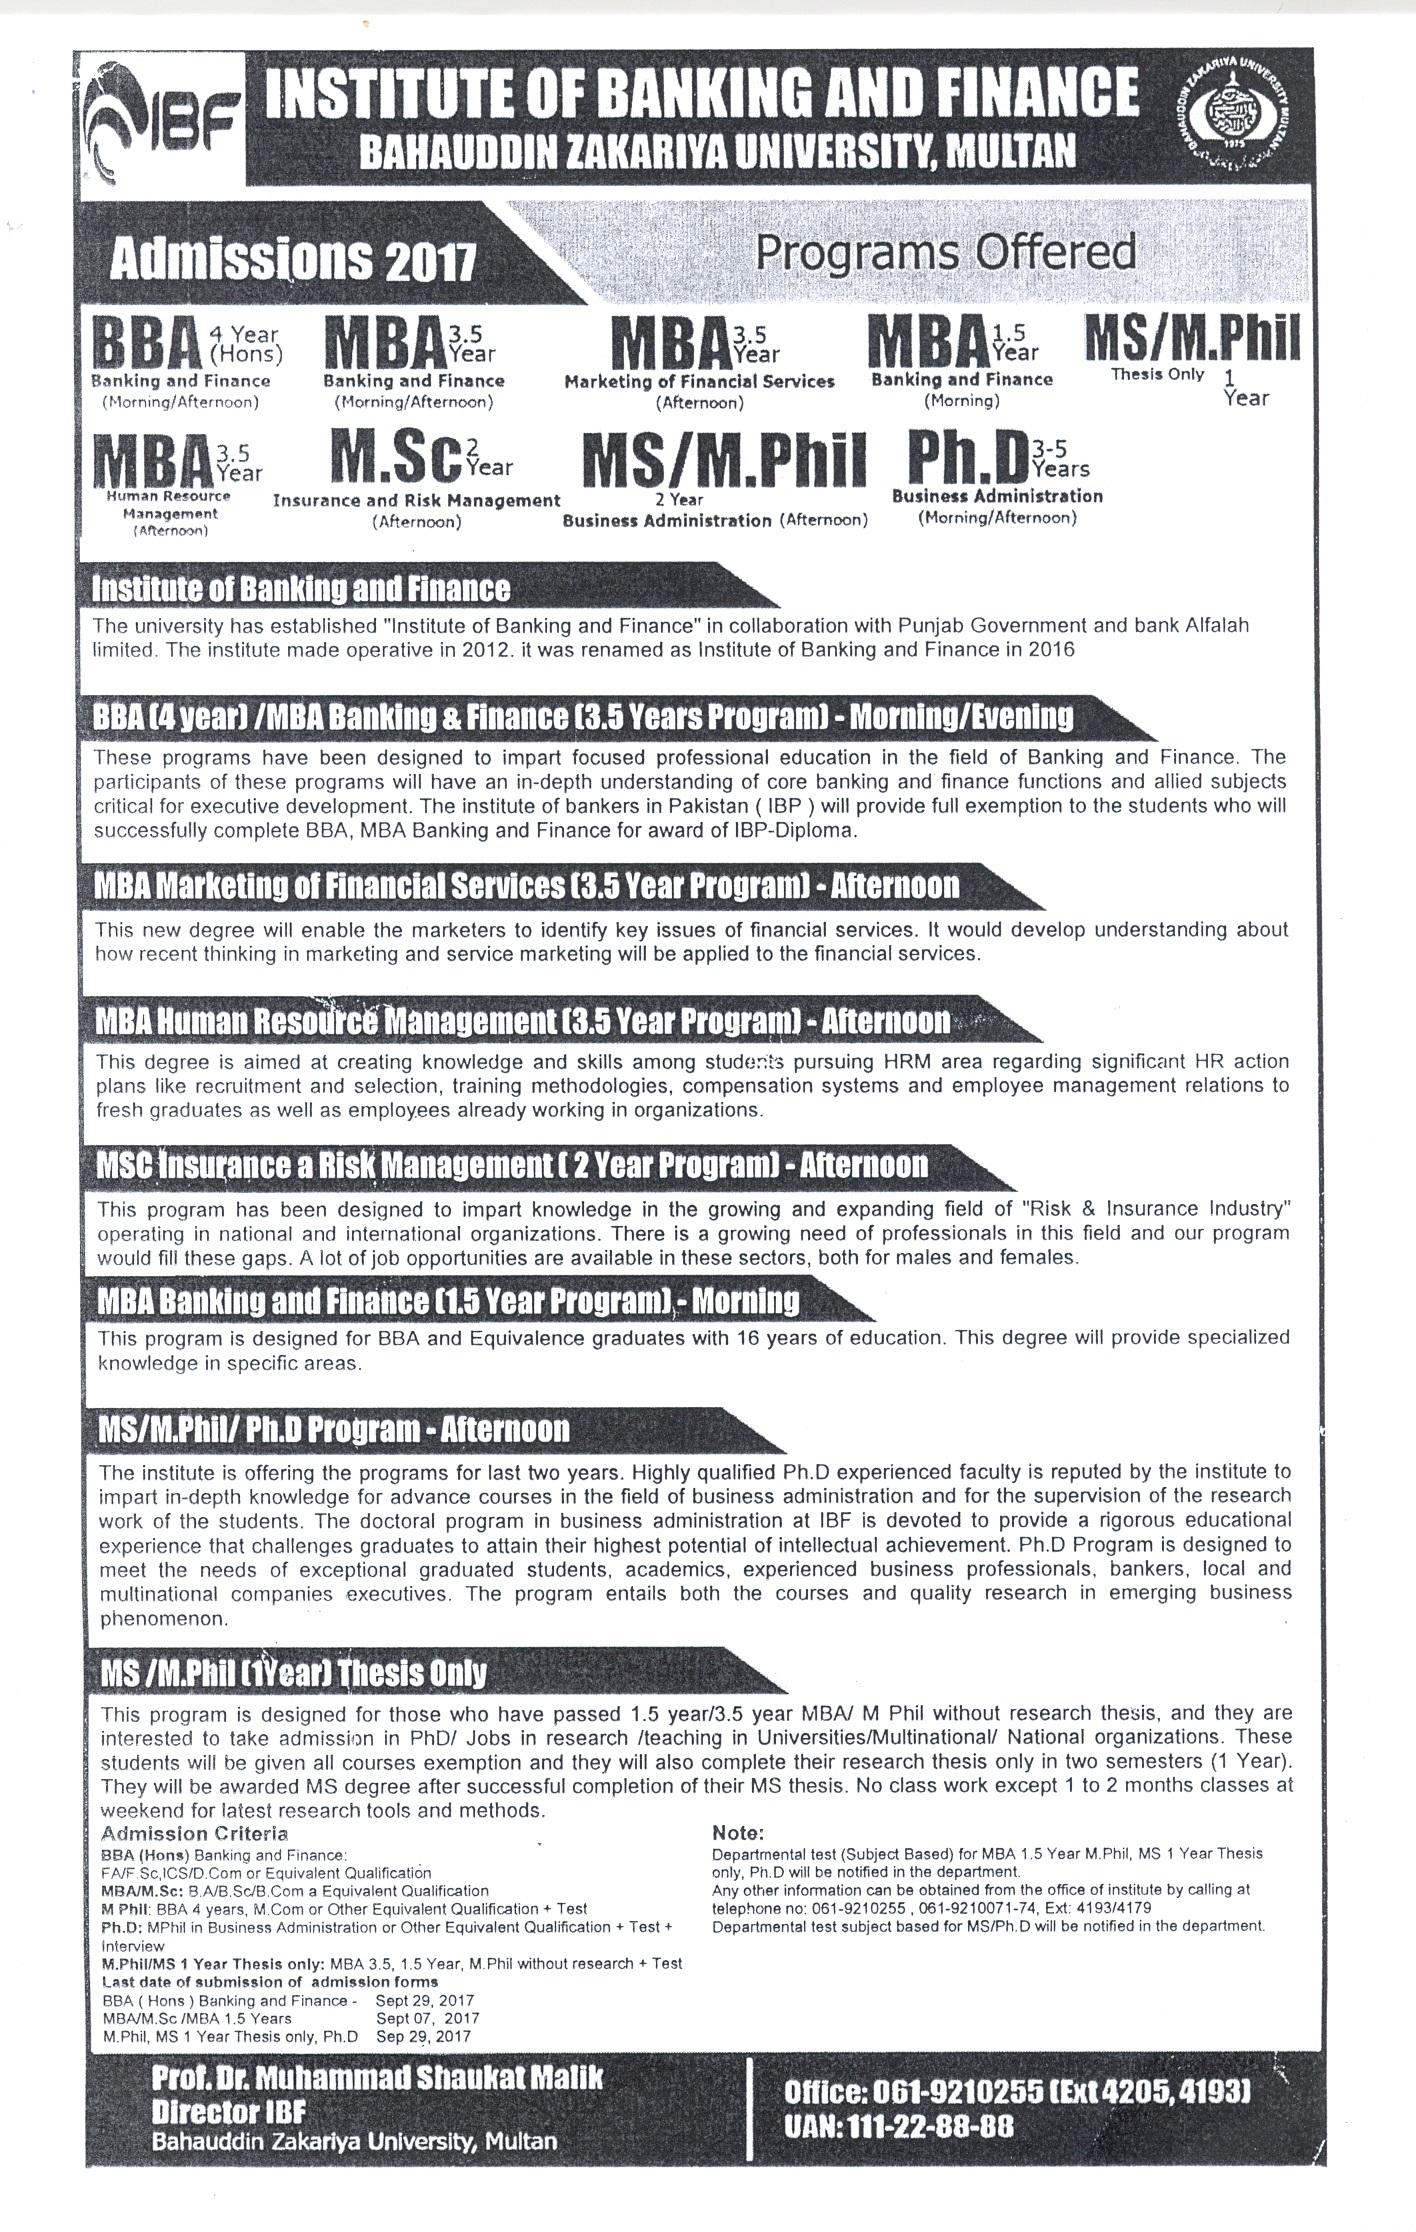 Bahauddin Zakariya University Admissions 2018 bzu Online